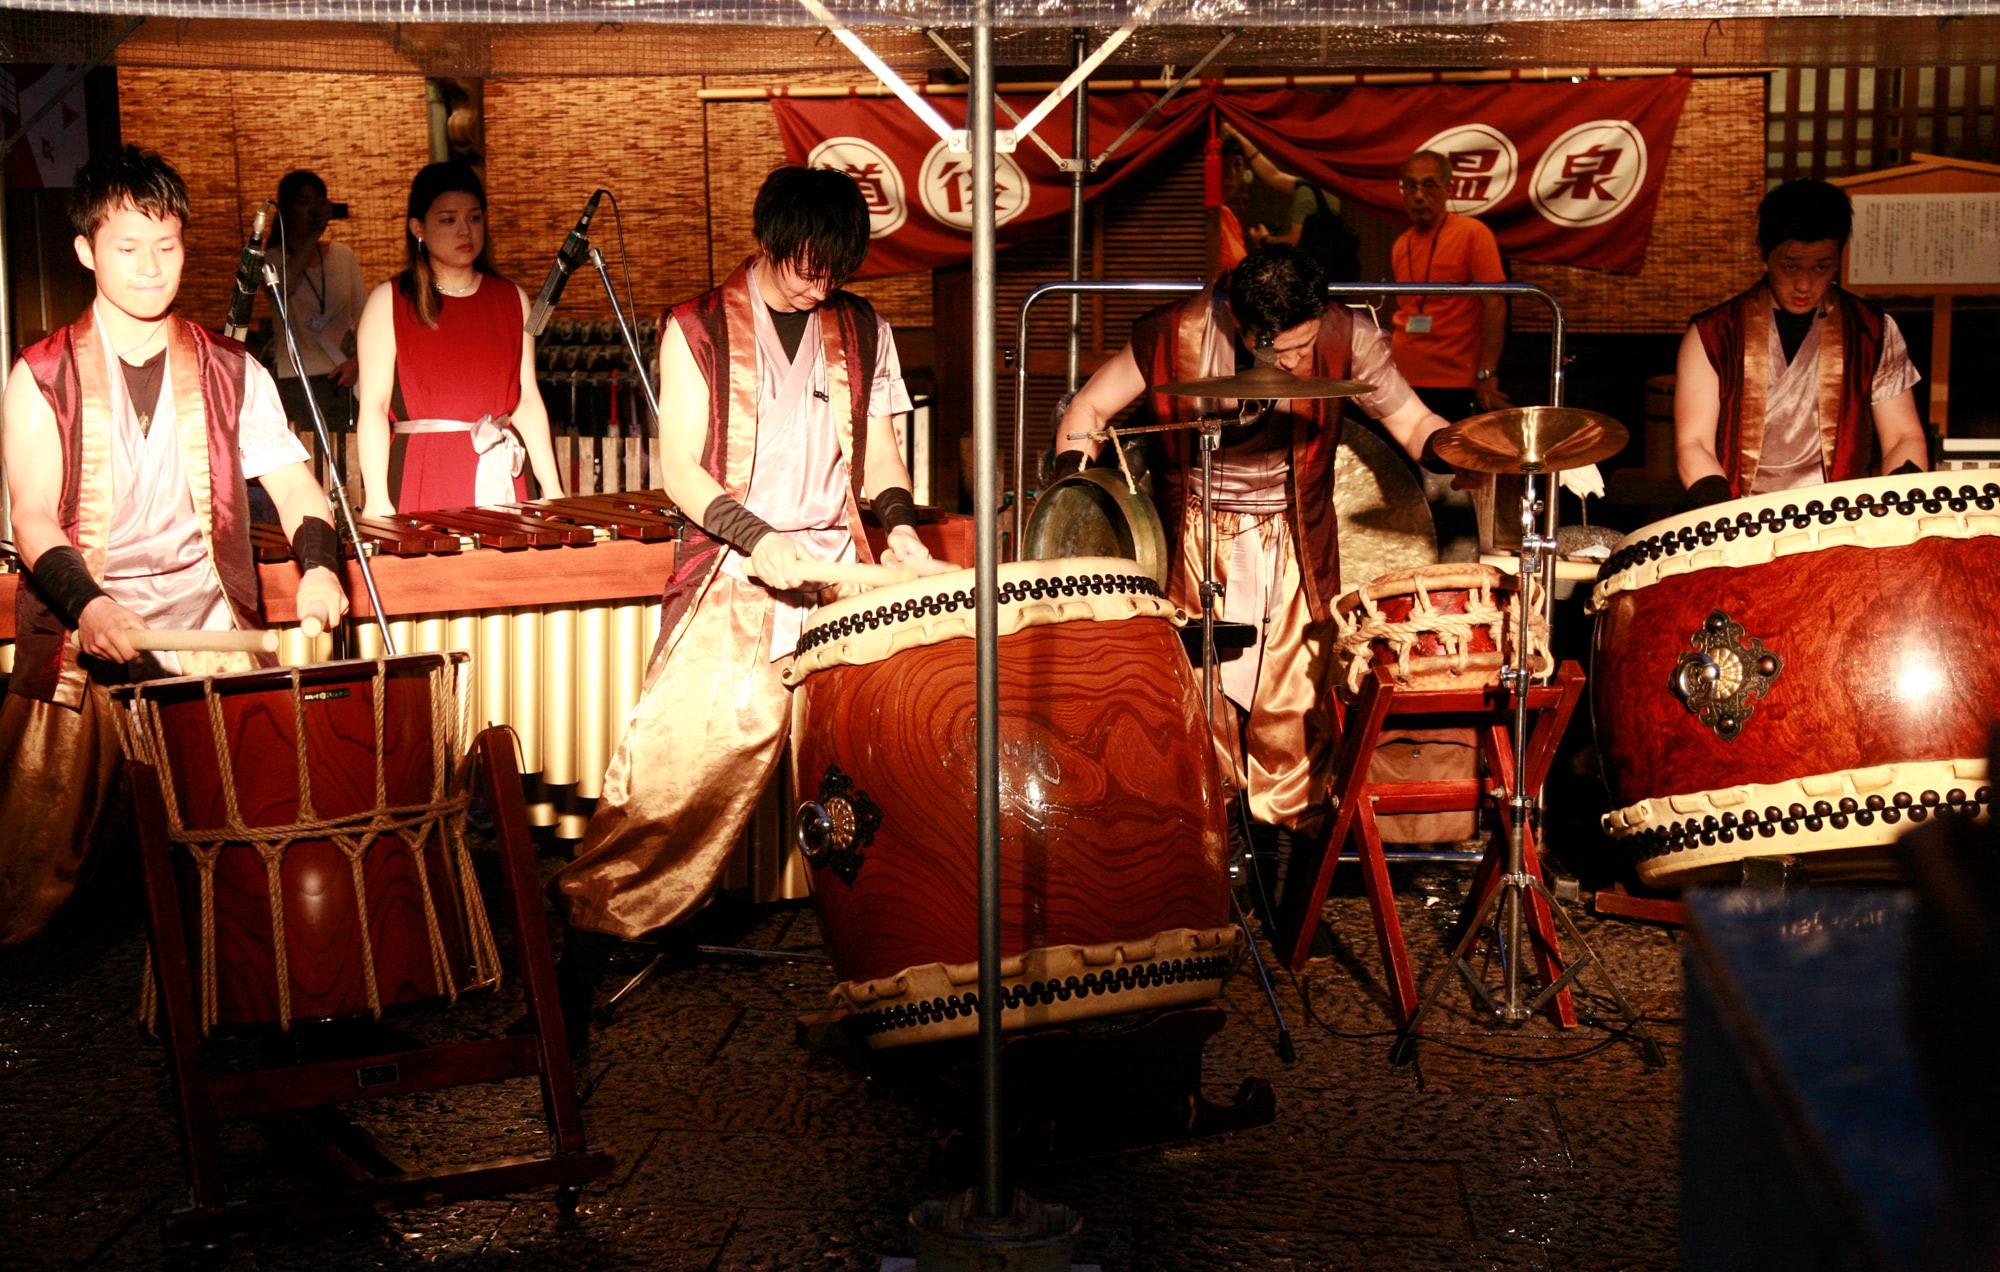 気鋭の打楽器集団GONNAによるプロジェクションマッピングと太鼓・マリンバの白熱のコラボライブ